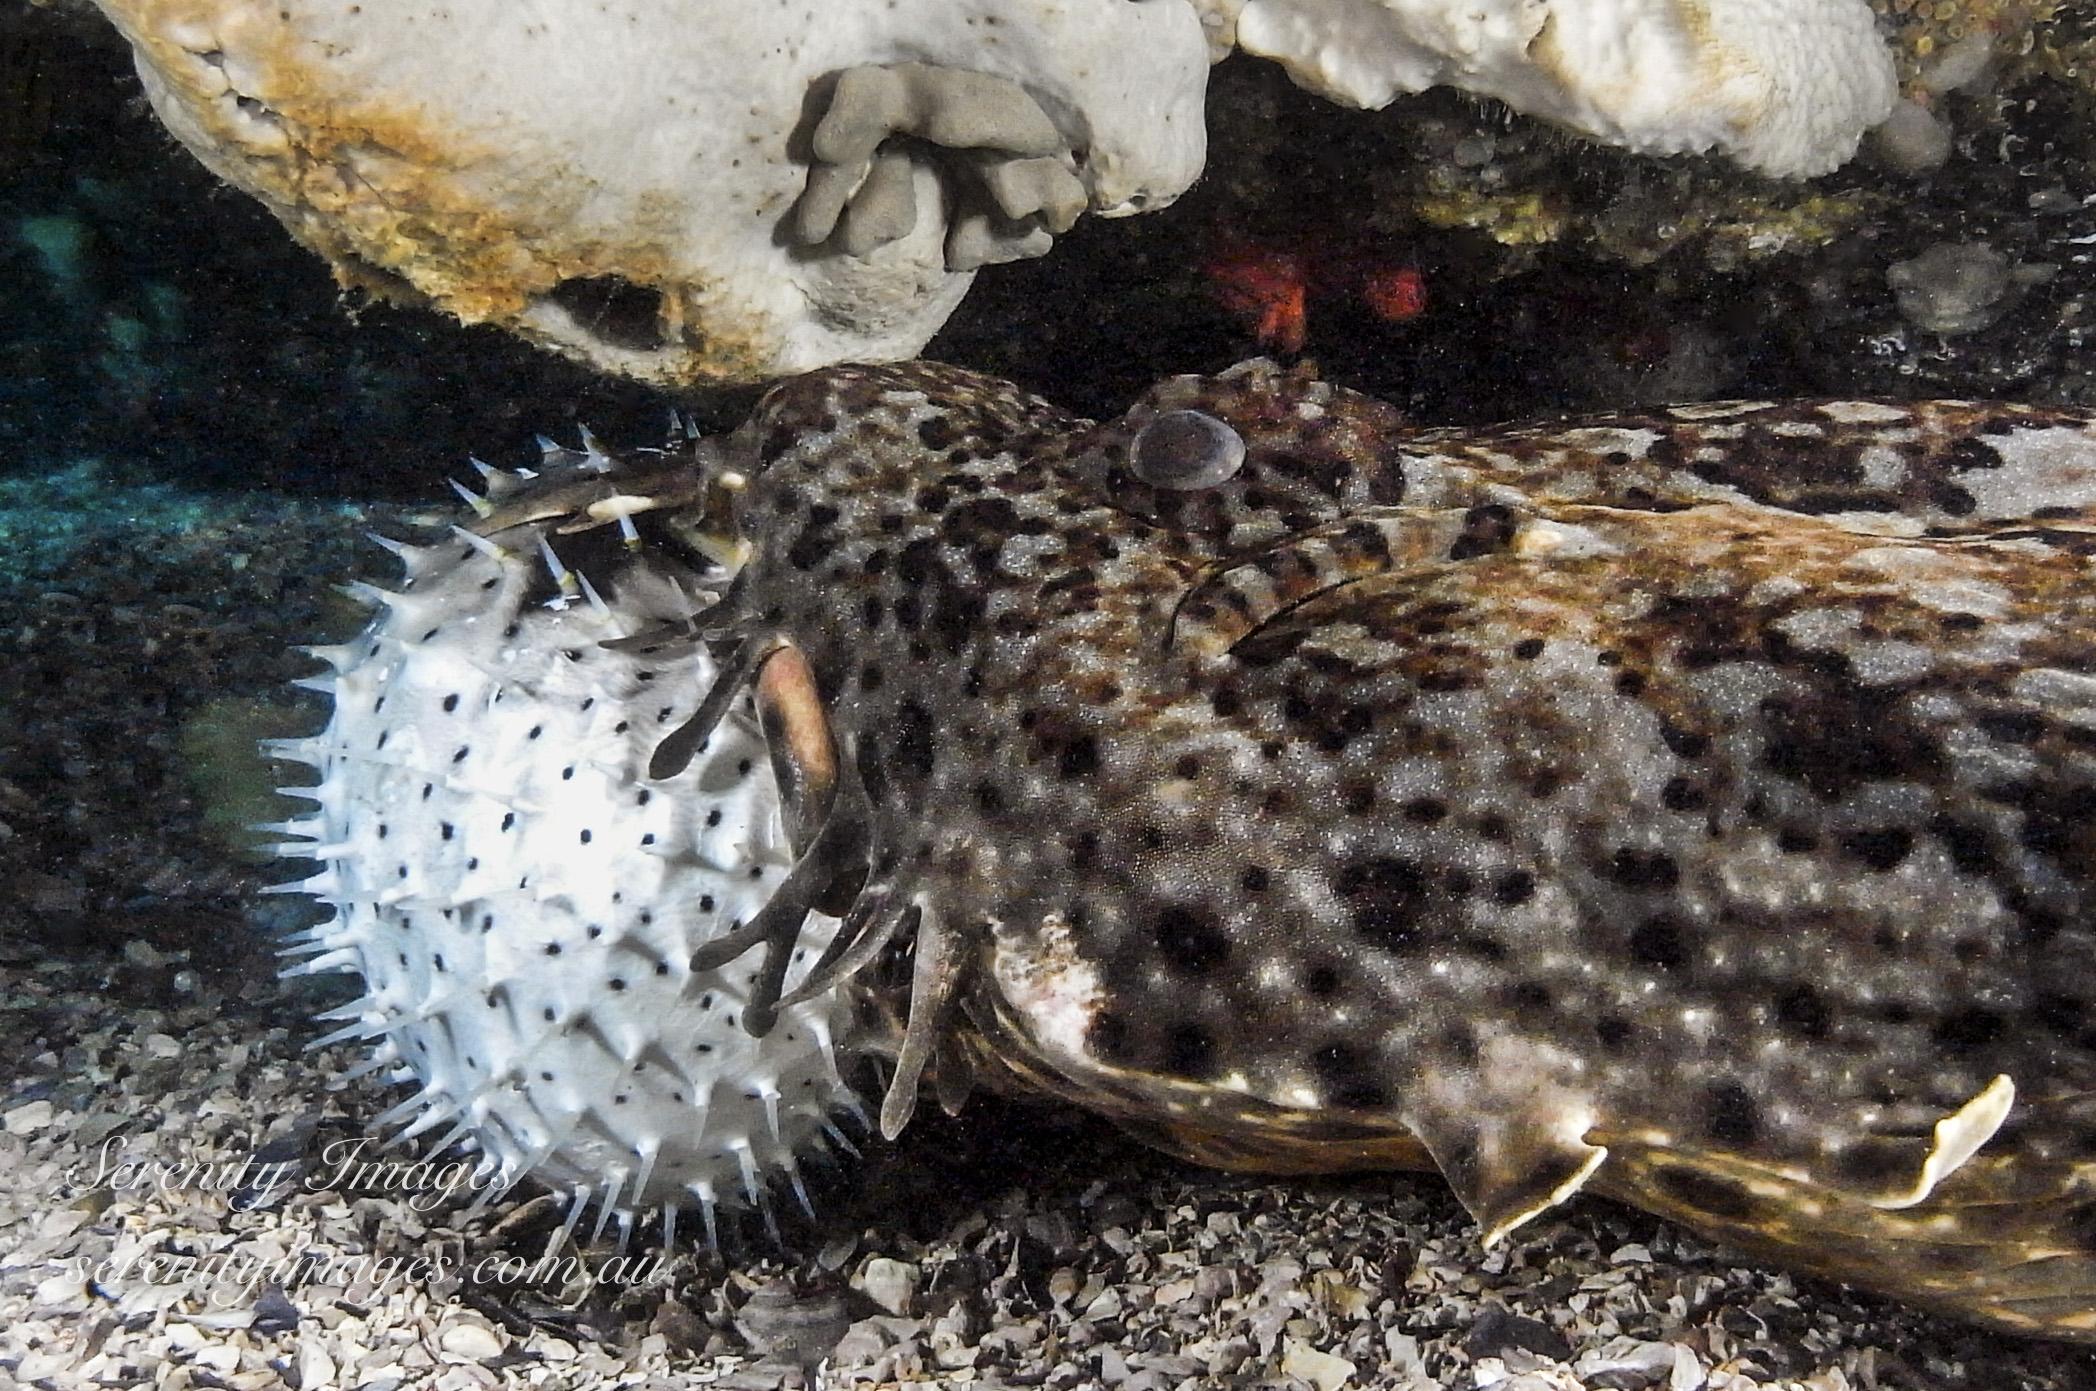 Wobbigong Eating Pufferfish SI-2